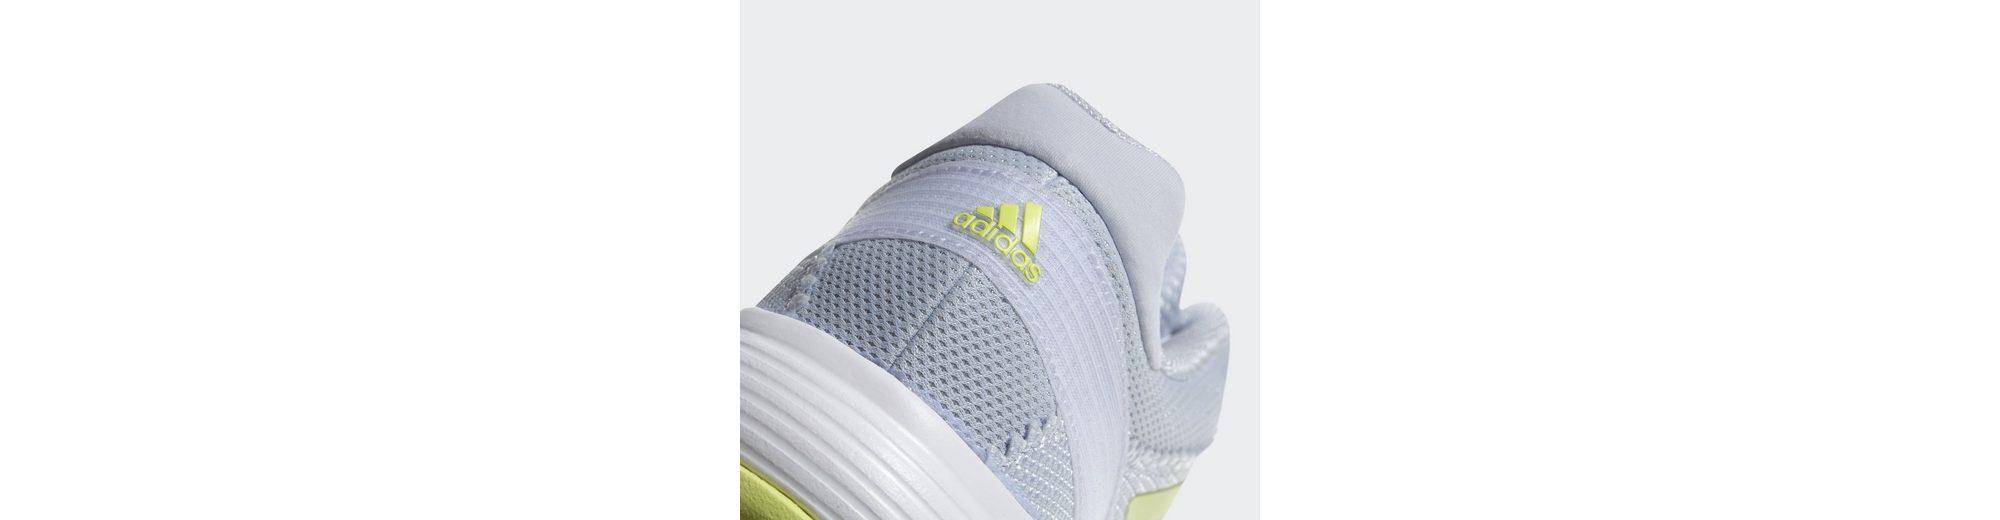 Footaction Online adidas Performance Barricade Club Tennisschuh Billig Finden Große Online Kaufen Authentisch Guter Service bNQimMQMxo